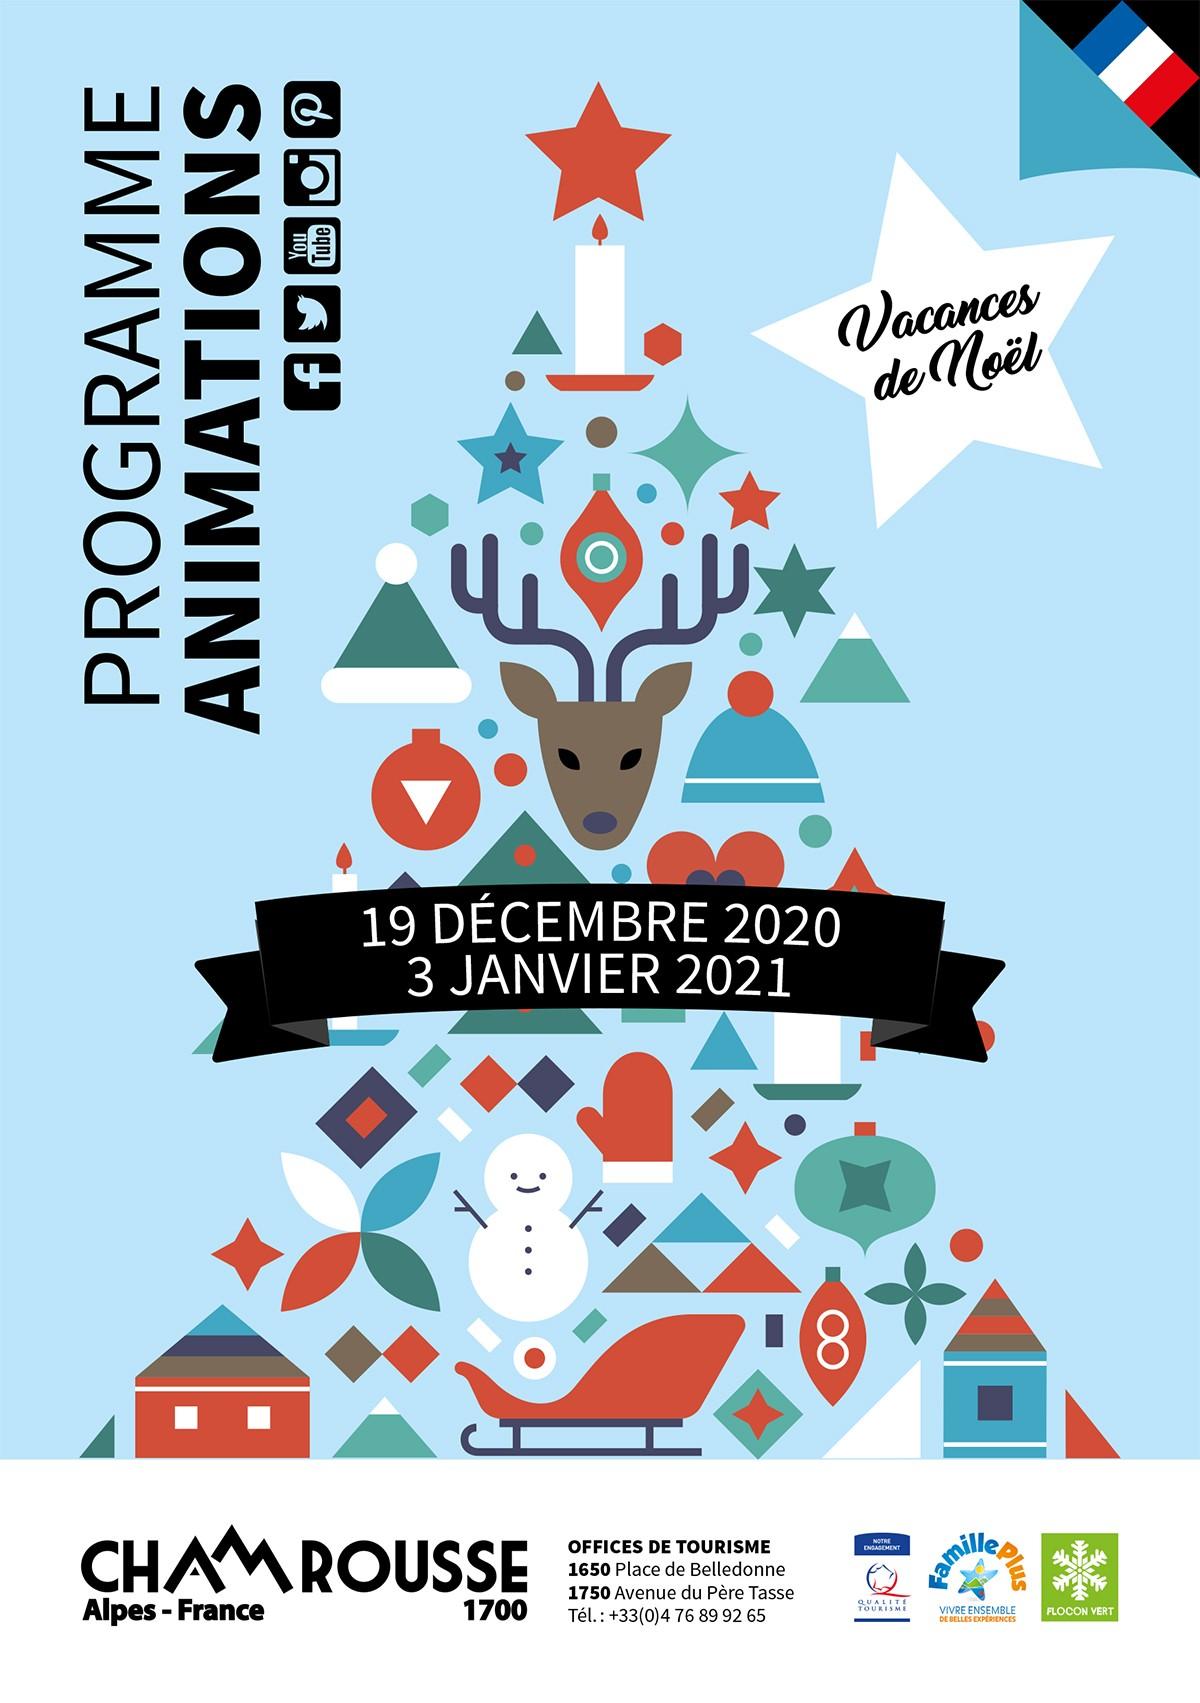 Chamrousse programme animation événement vacances noël décembre 2020 station ski montagne isère alpes france